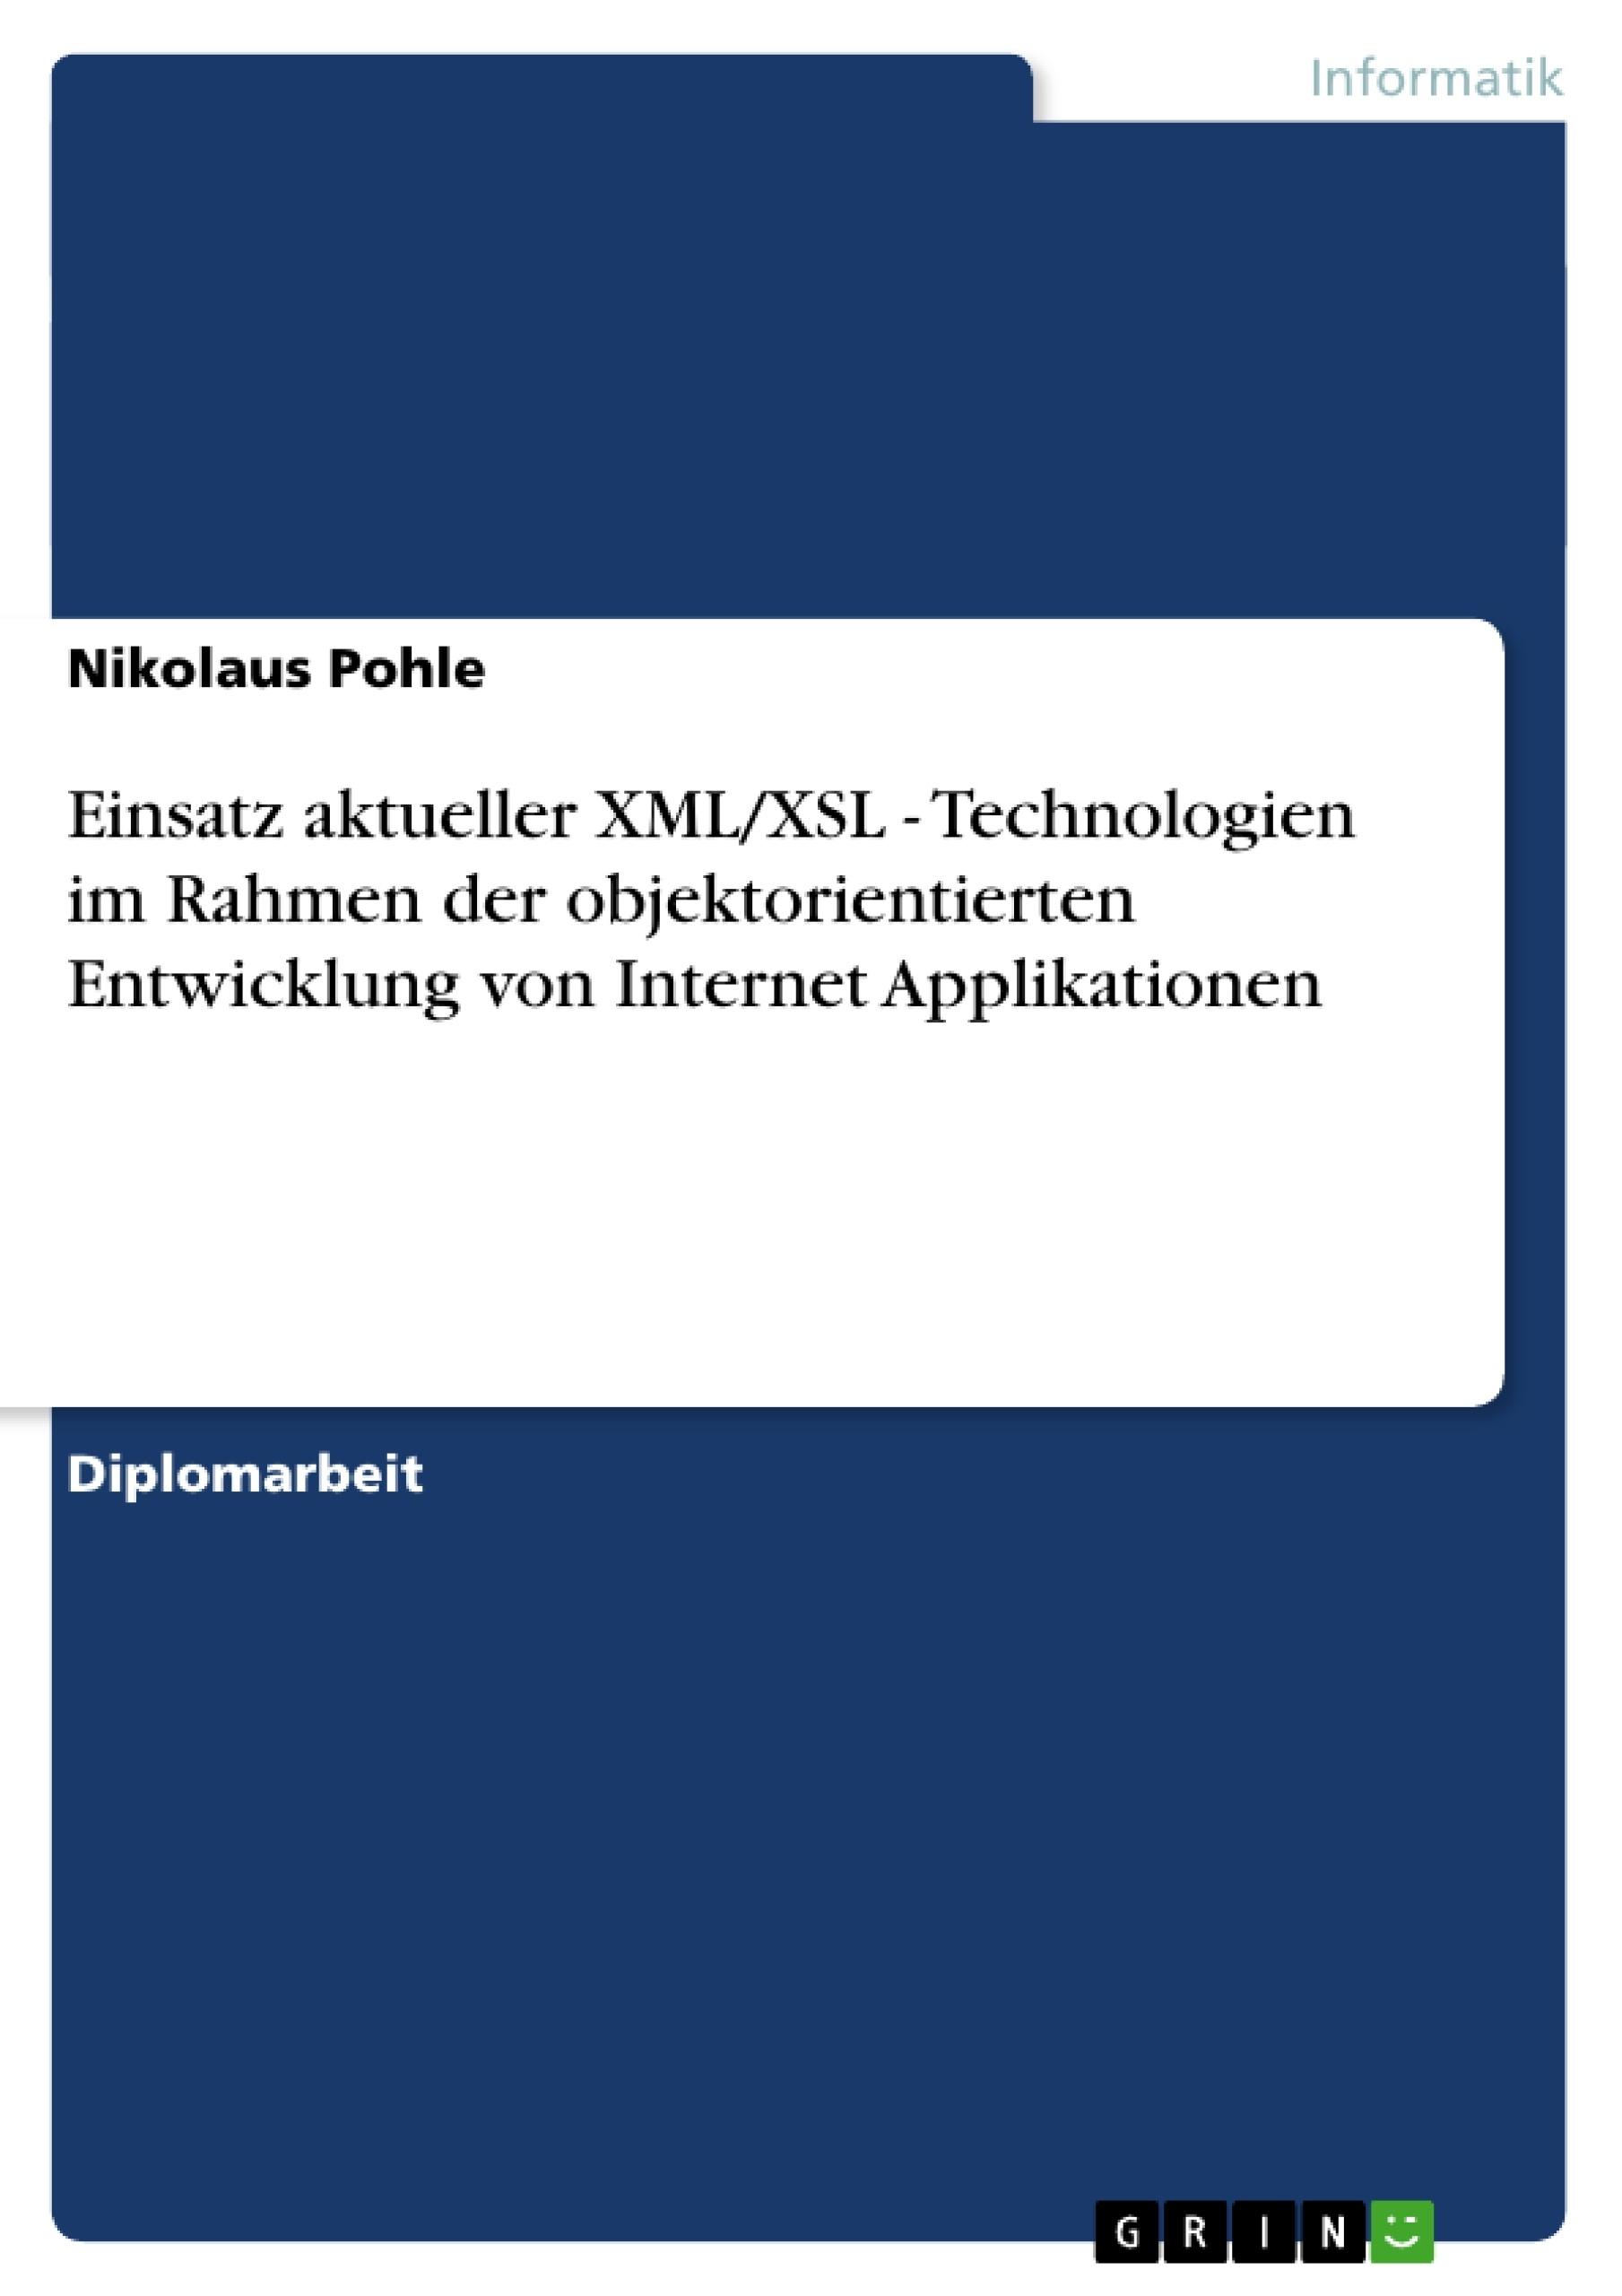 Titel: Einsatz aktueller XML/XSL - Technologien im Rahmen der objektorientierten Entwicklung von Internet Applikationen